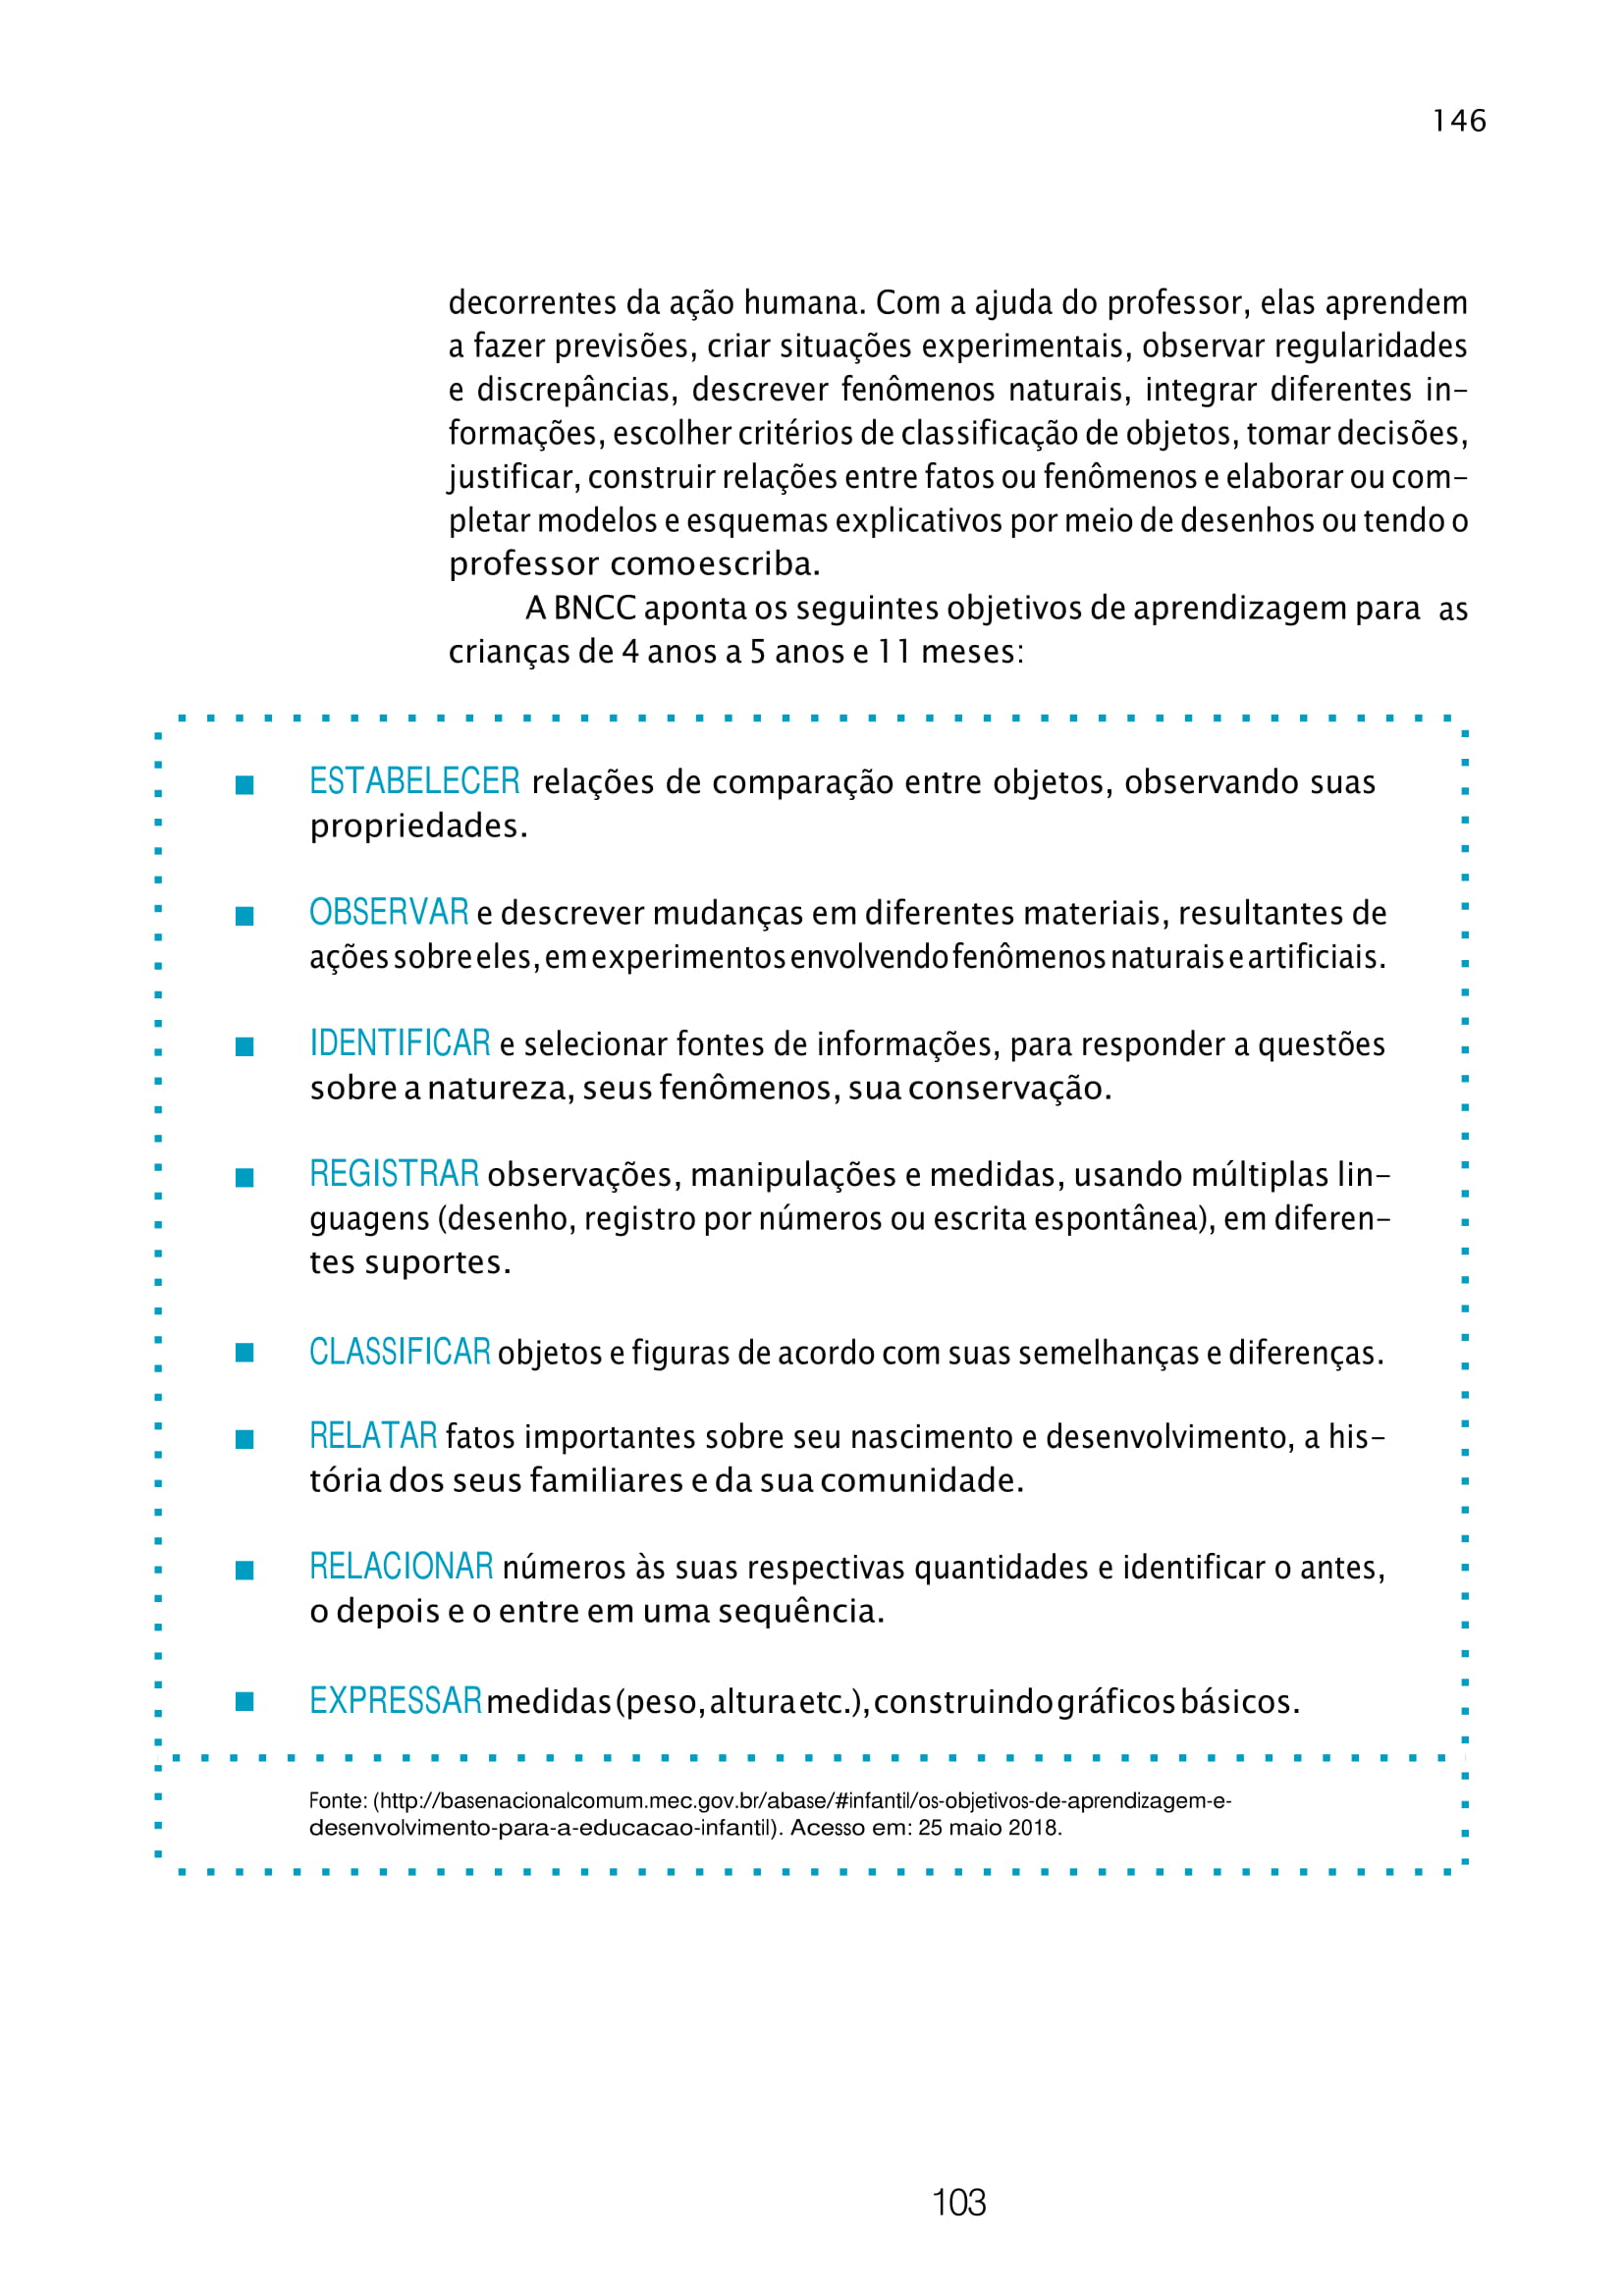 planejamento-educação-infantil-bncc-geral-176